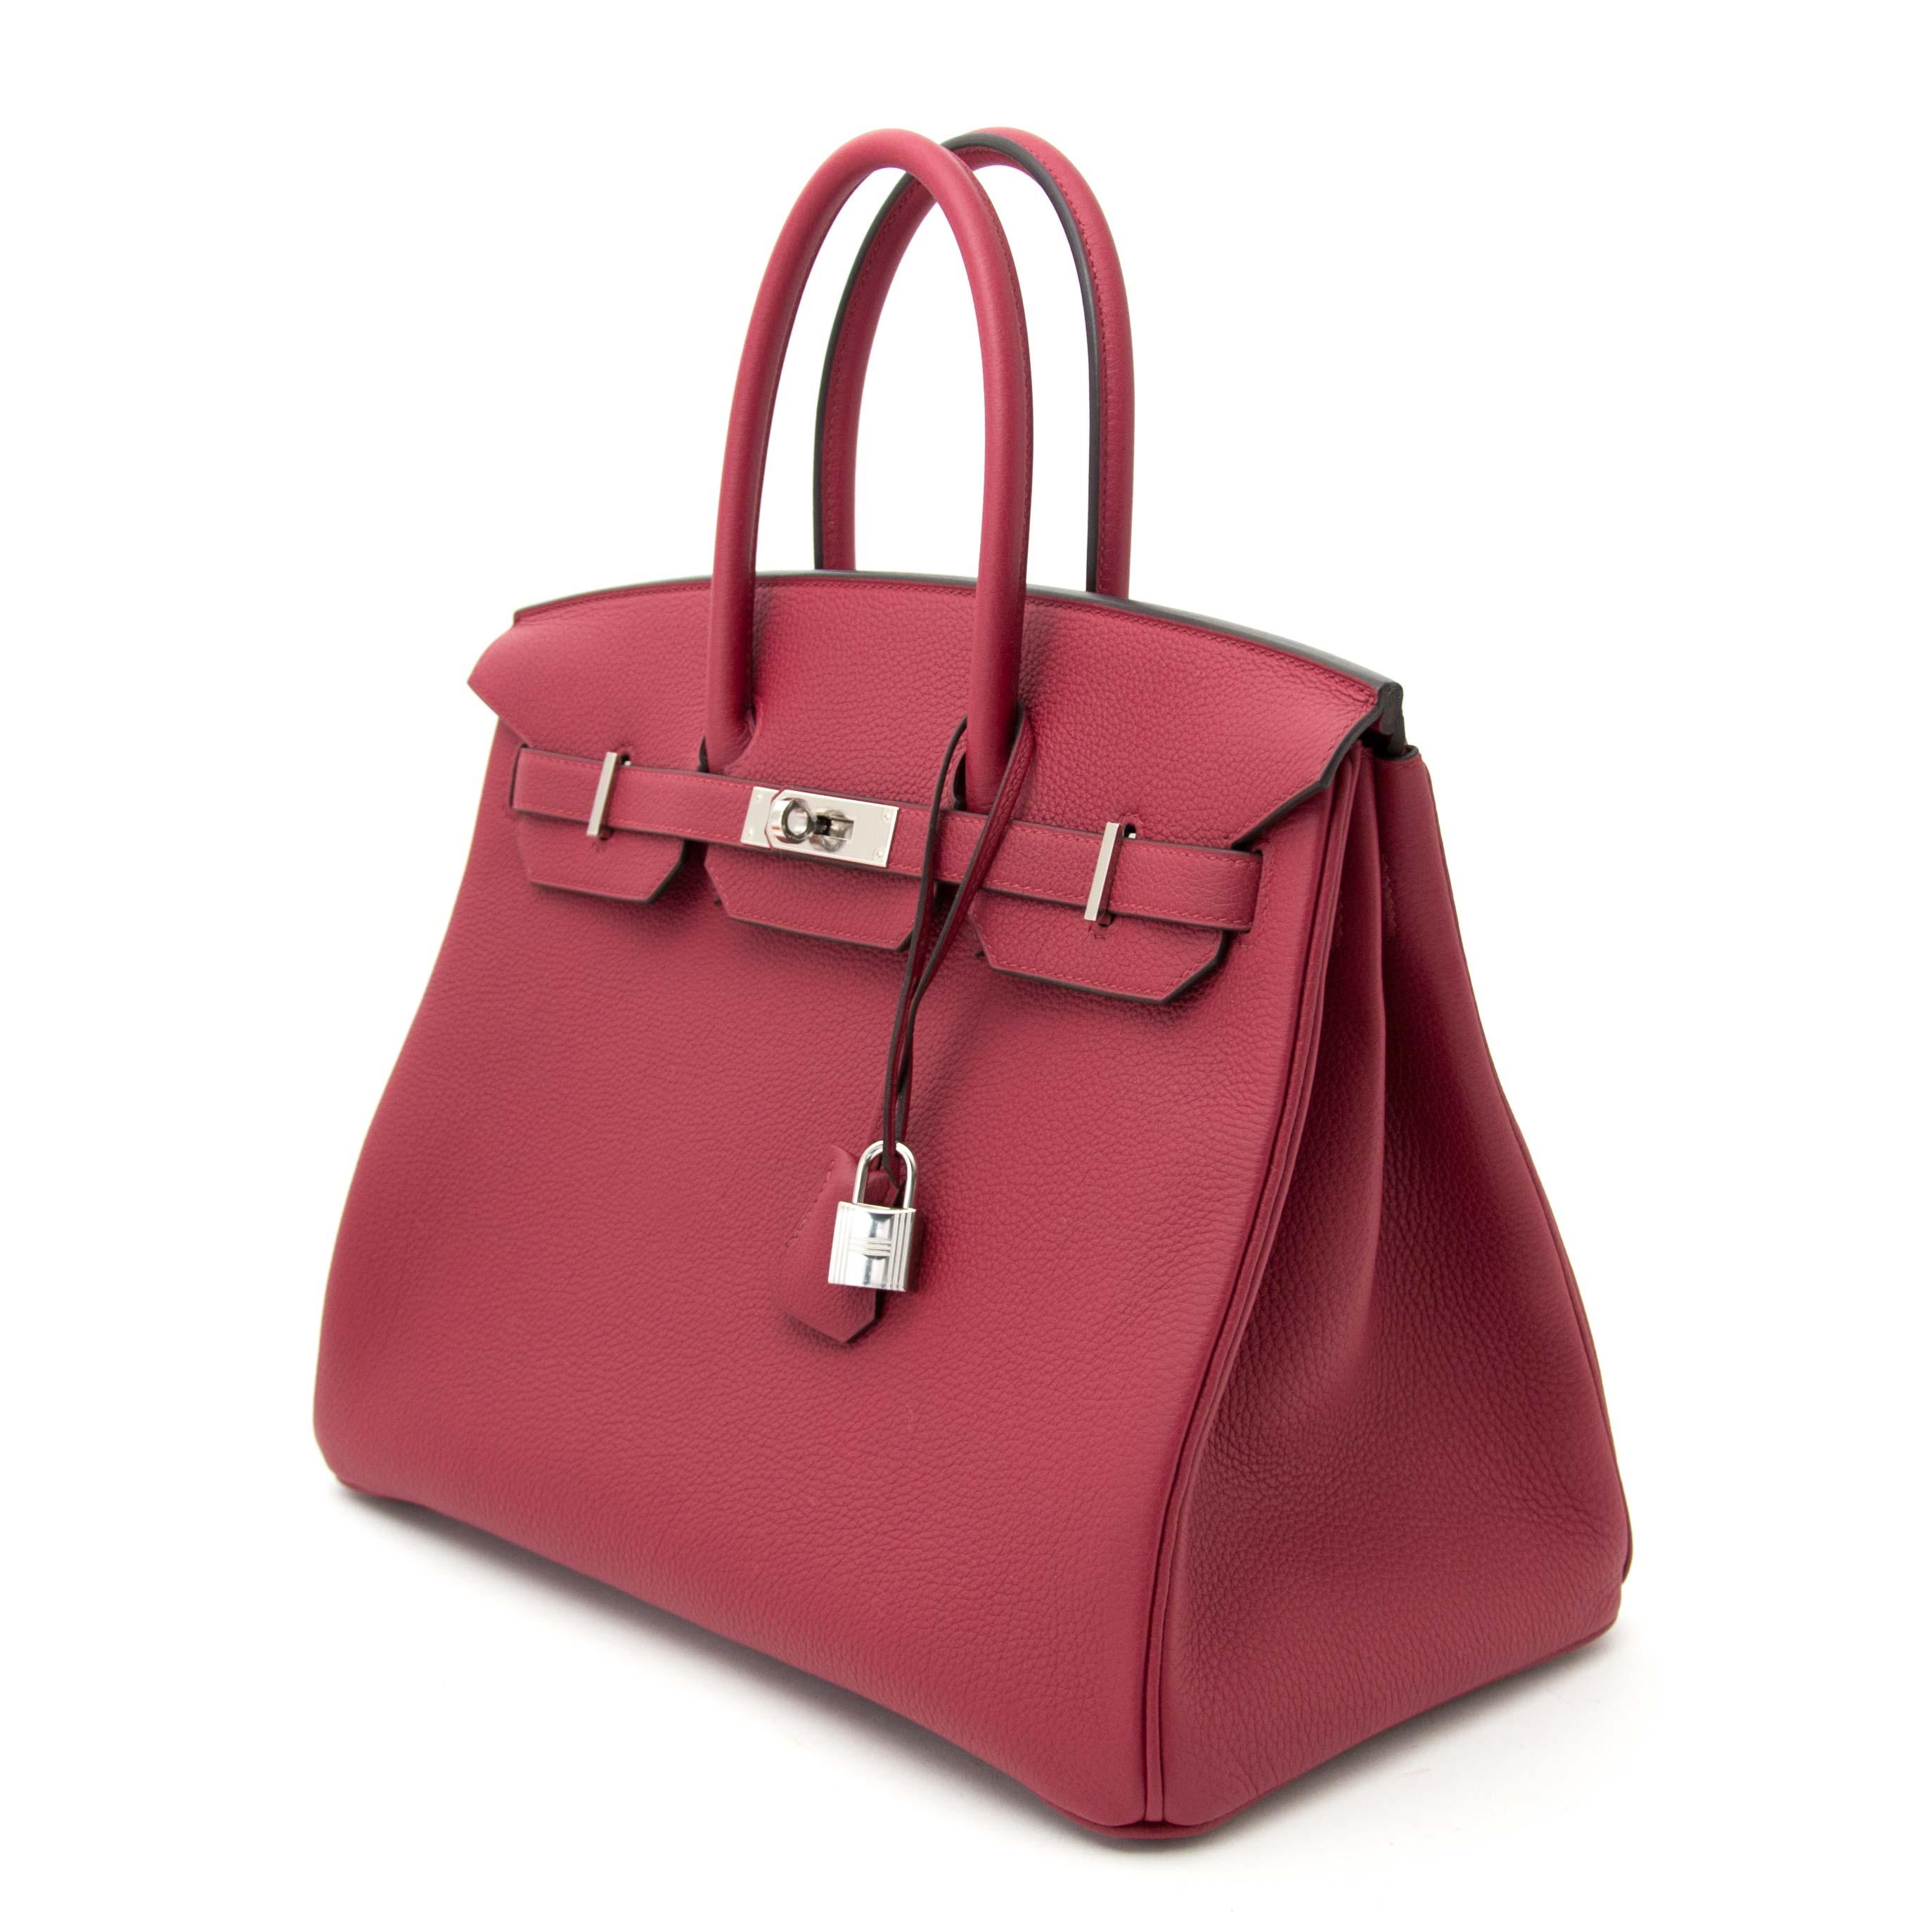 2b9cd7291fc5 ... Koop en verkoop uw authentieke Never Used Hermès Birkin 35 Togo Rouge  Grenat PHW aan de